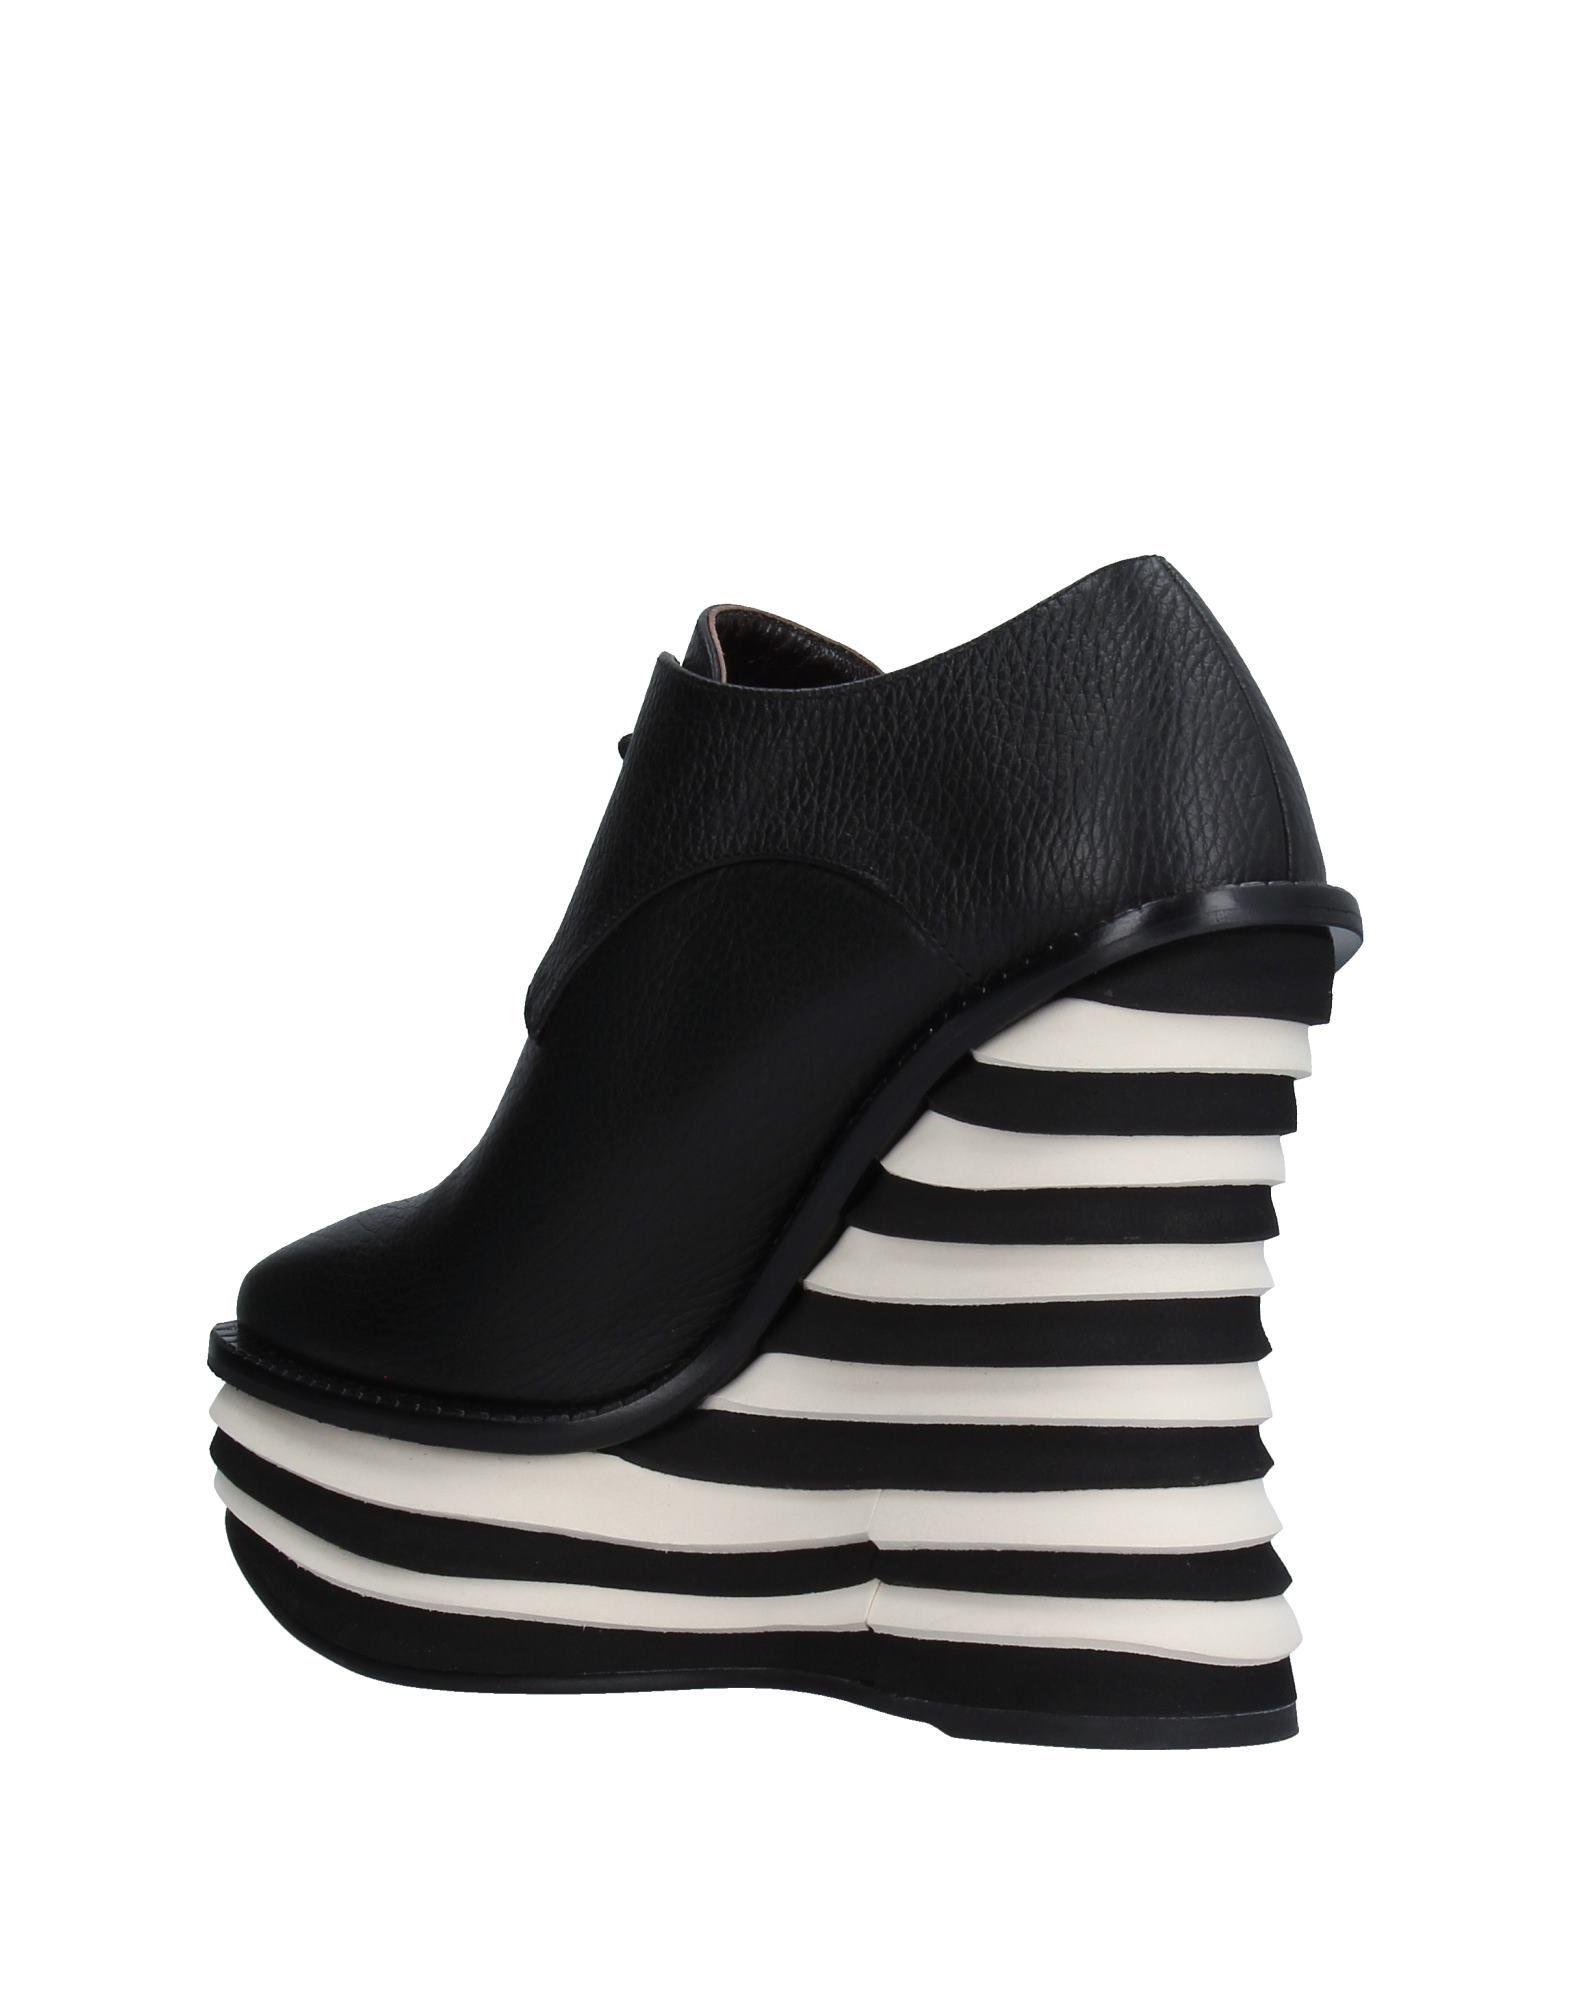 Chaussures À Lacets Paloma Barceló Femme - Chaussures À Lacets Paloma Barceló sur